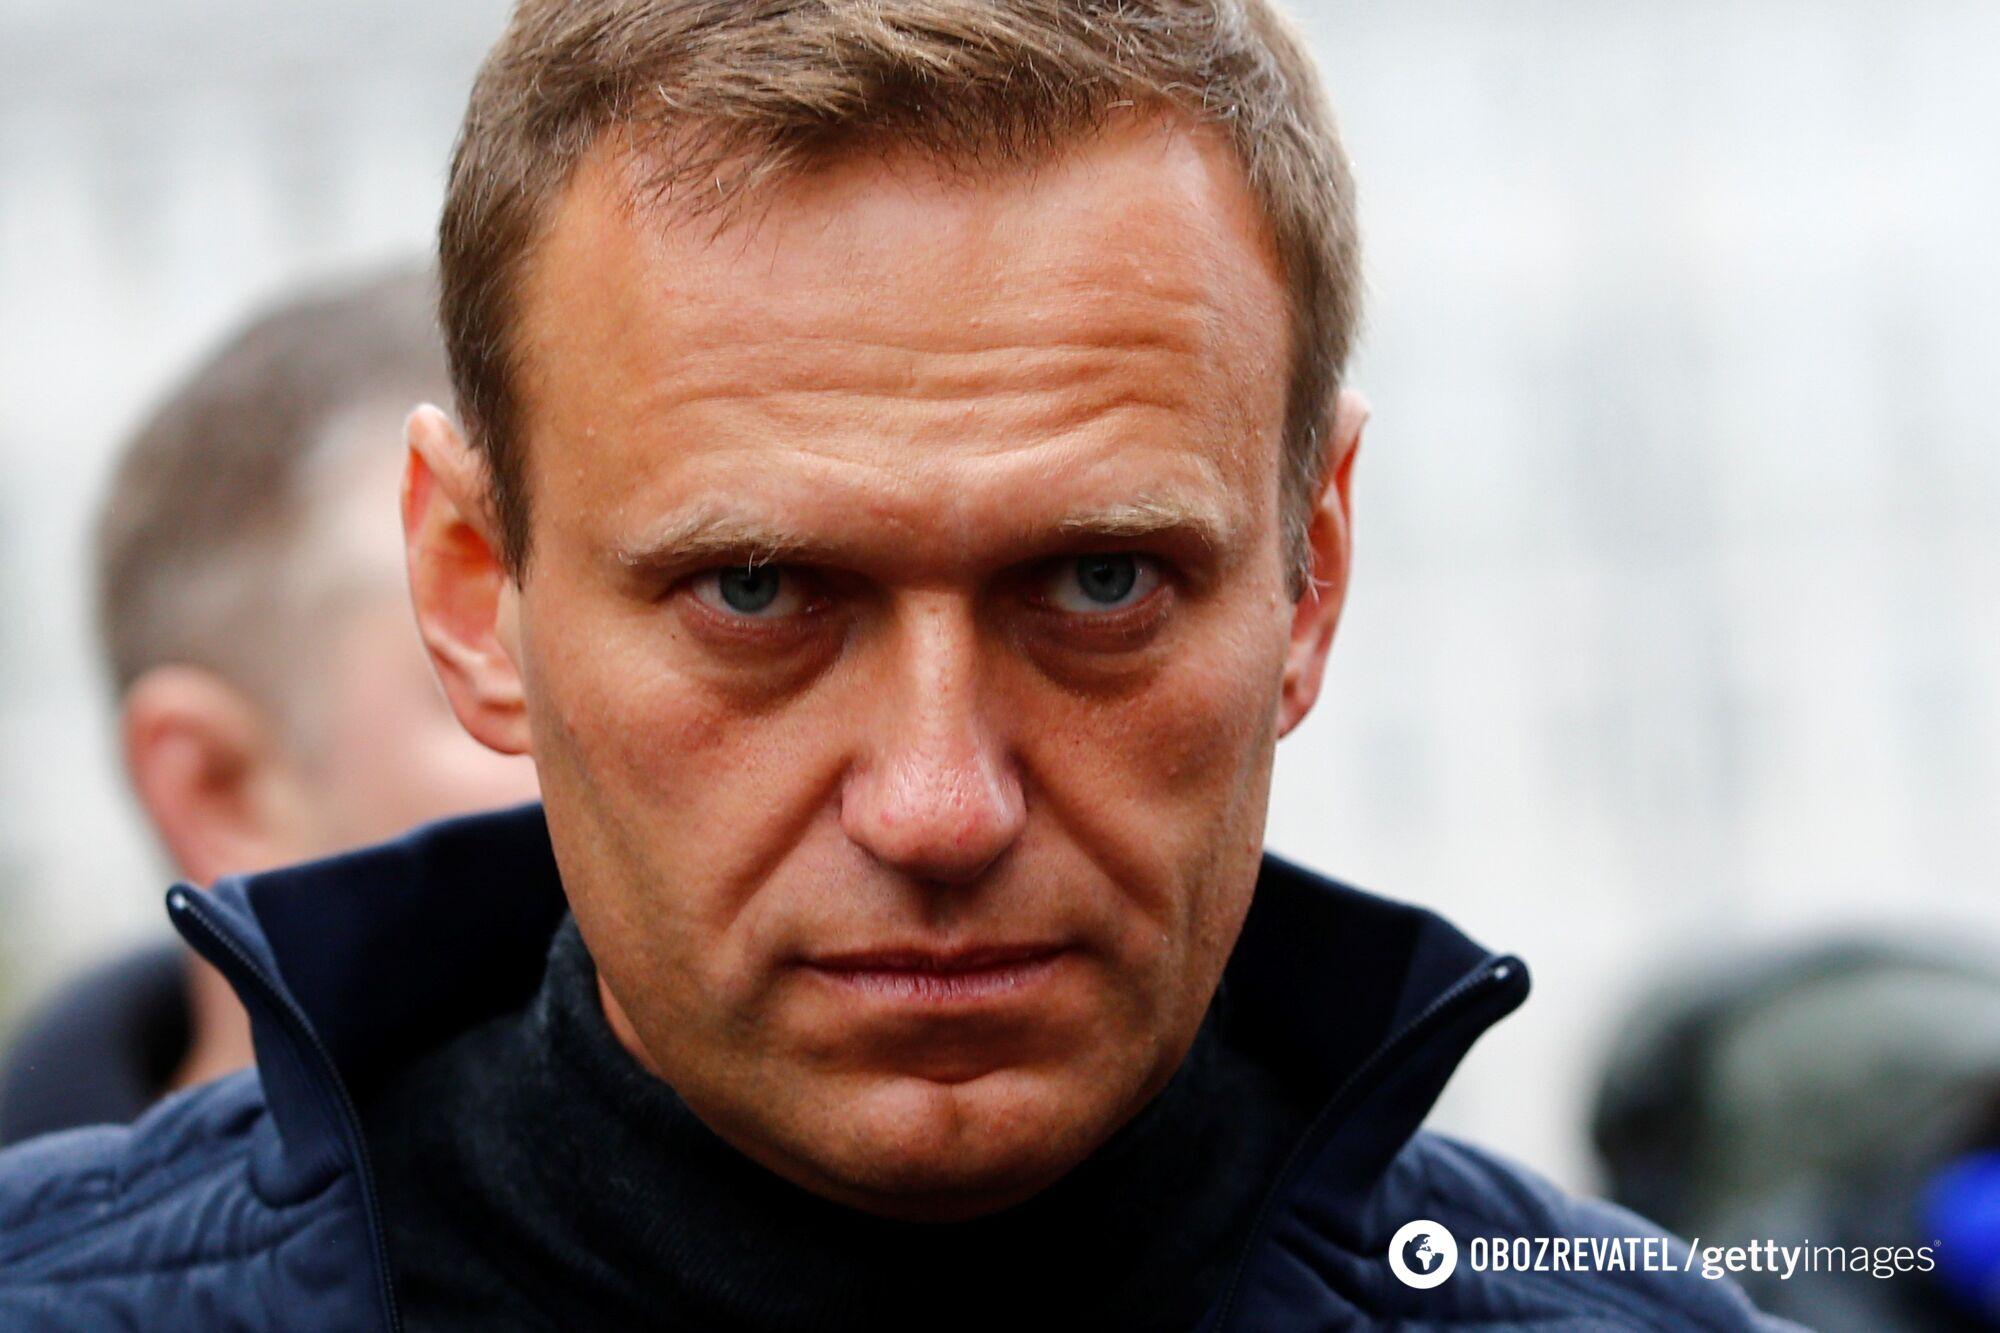 Алексей Навальный вернулся в Россию после лечения и полугодичного пребывания на Западе